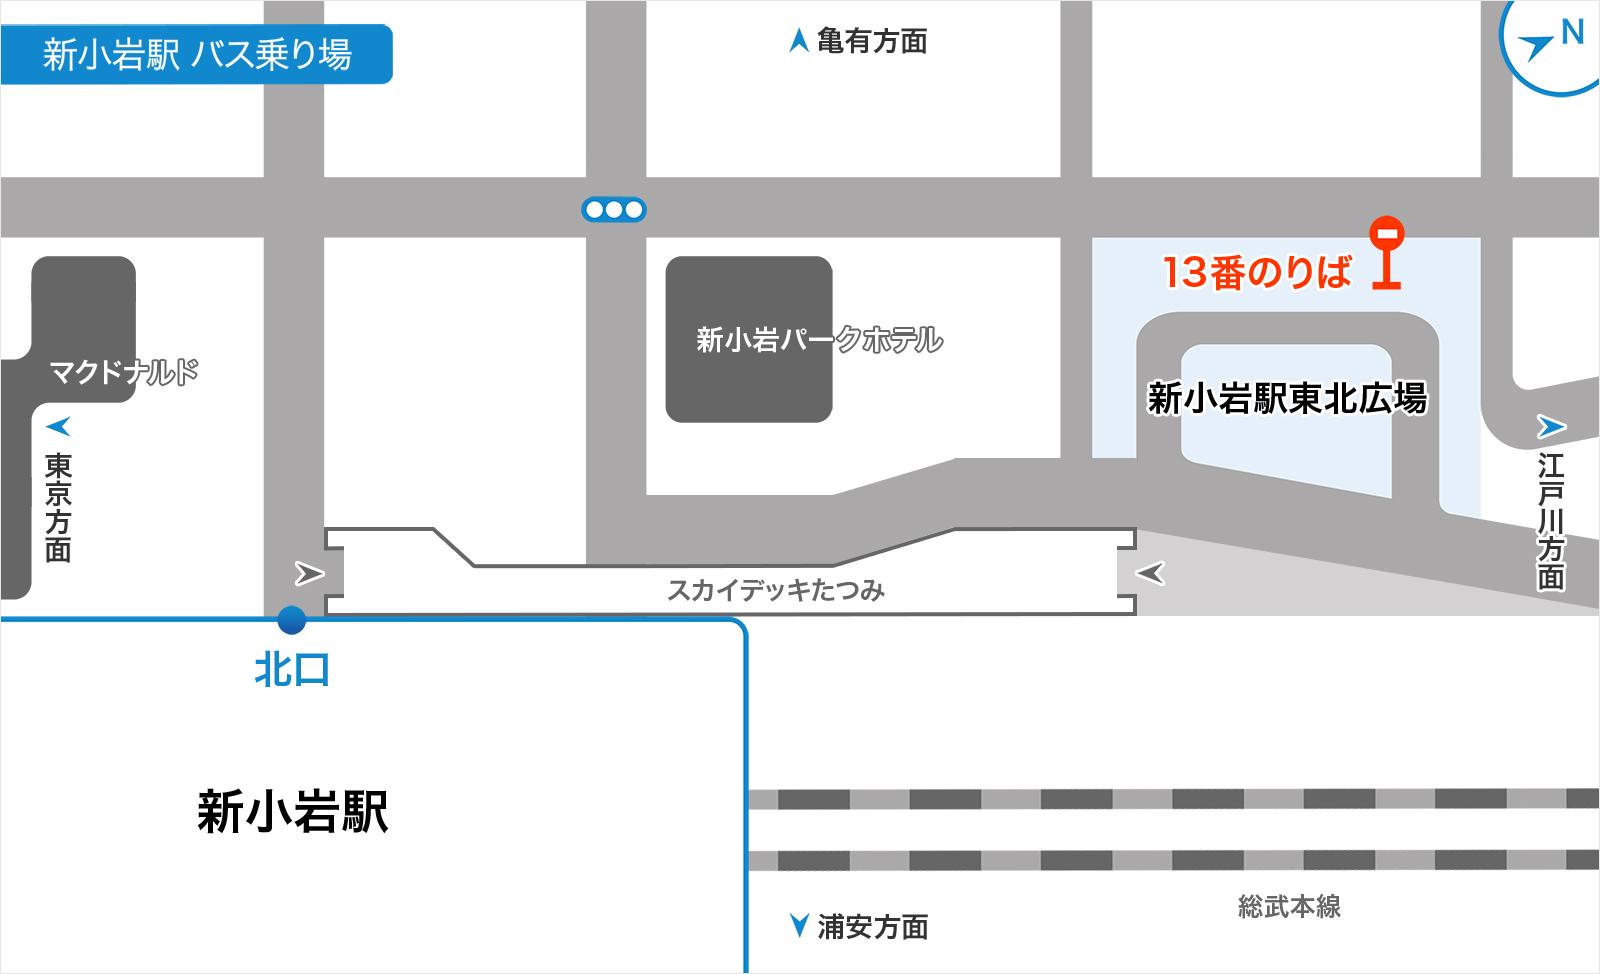 新小岩駅バス乗り場画像